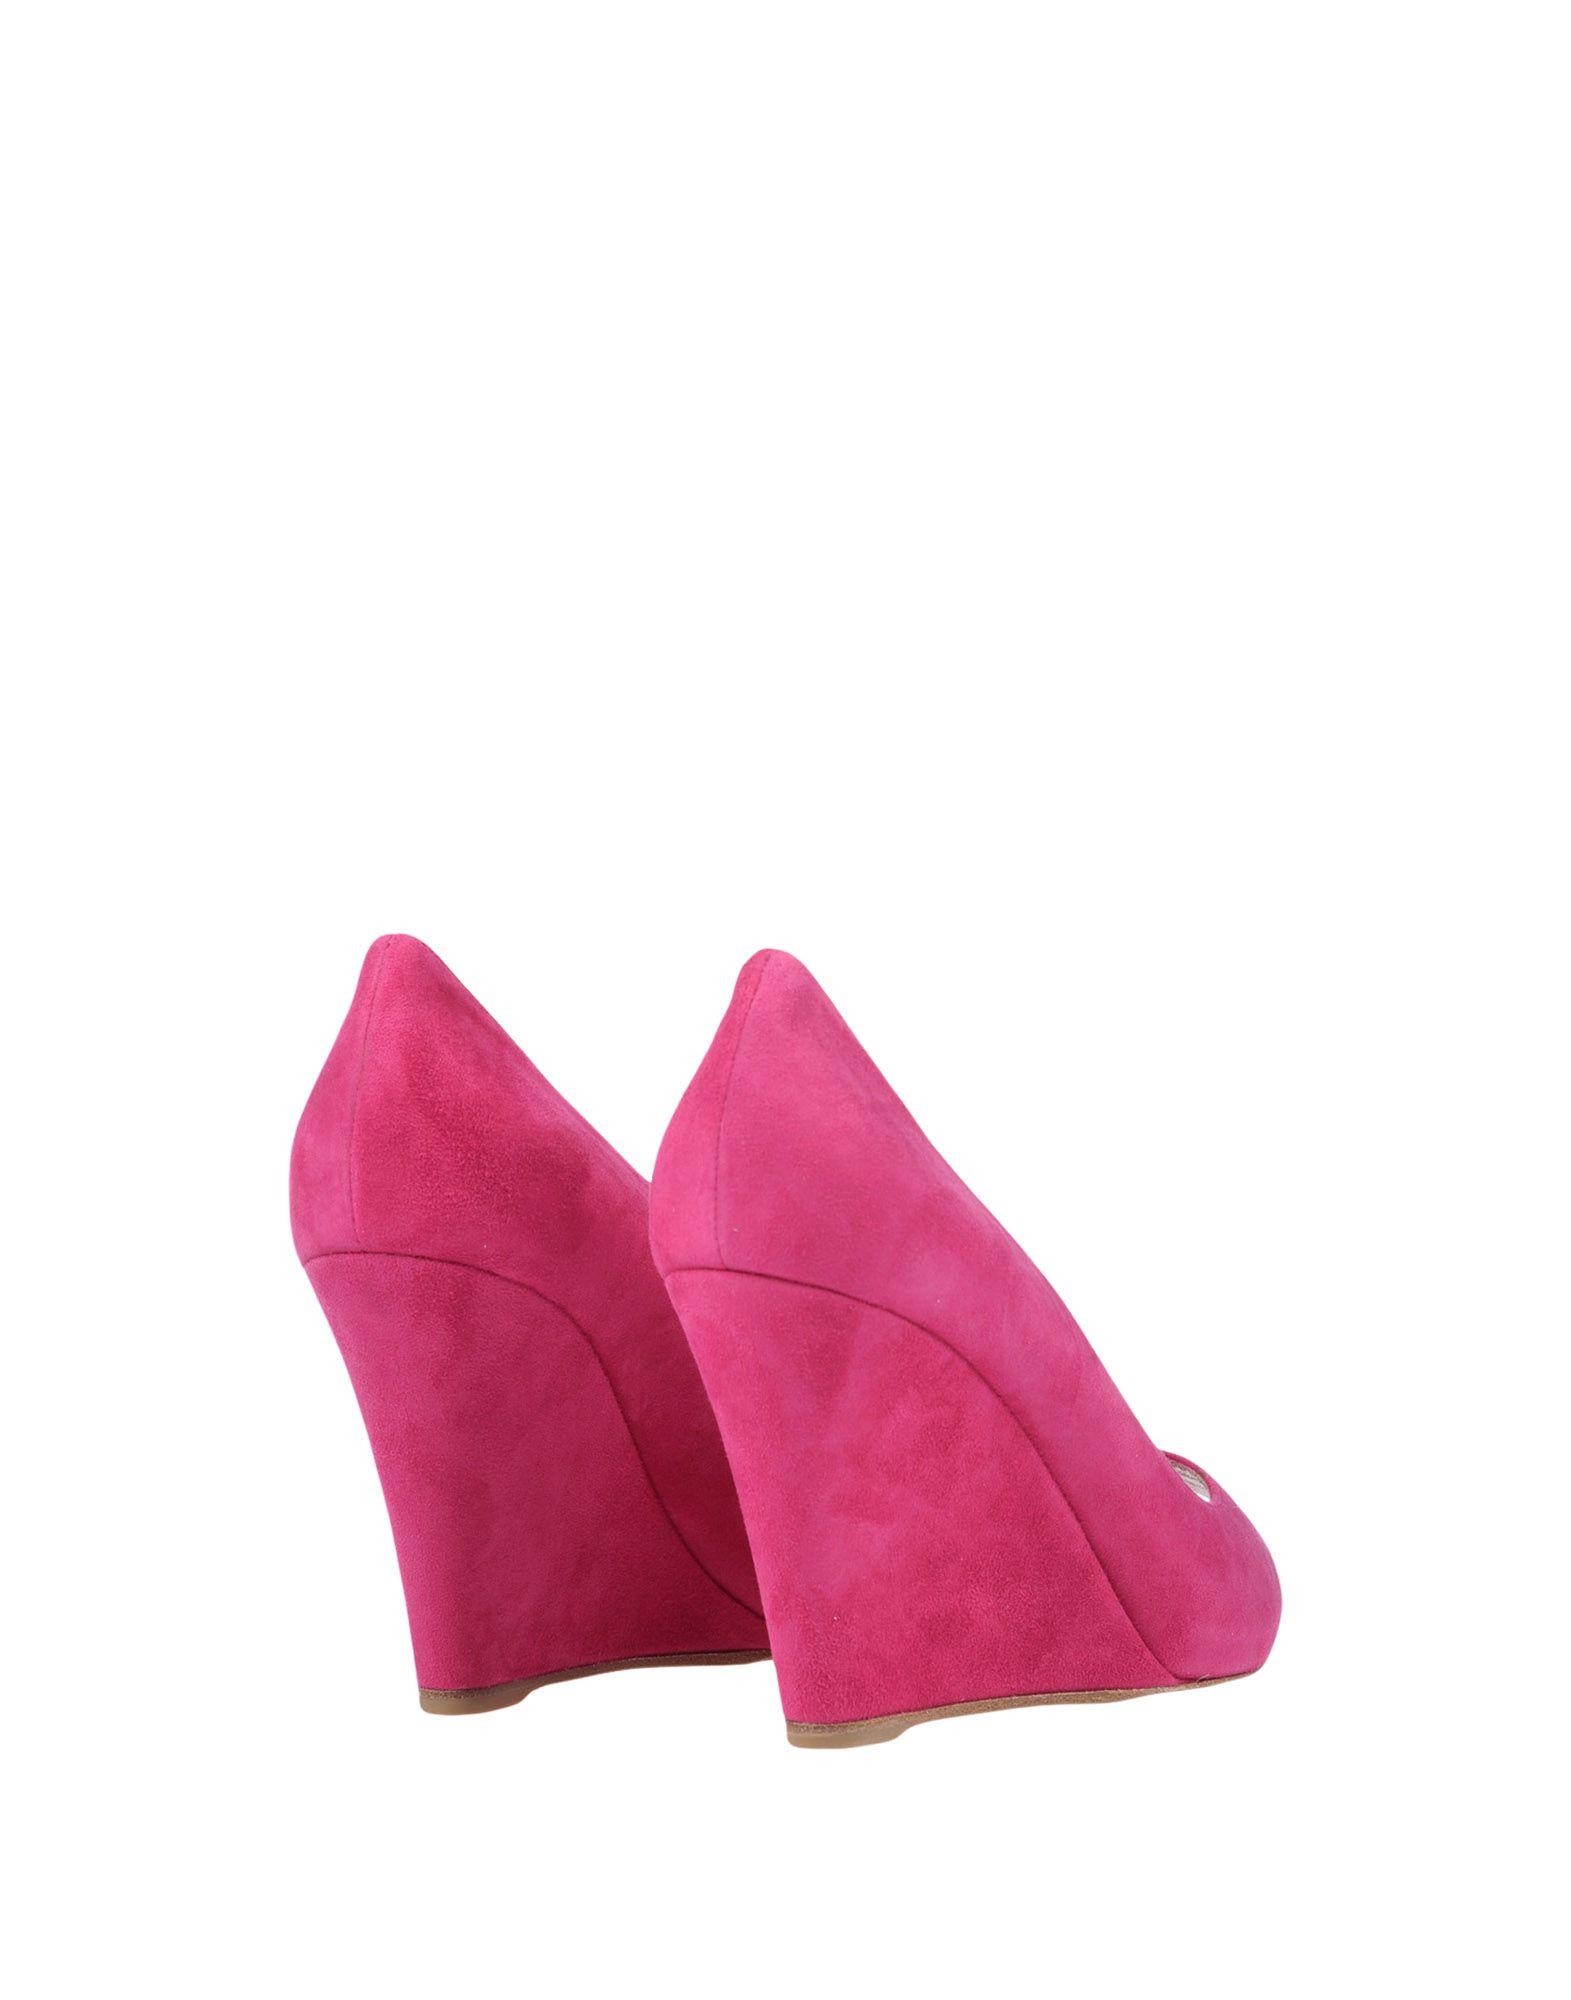 Gut um billige Schuhe zu tragenSergio 11432213PF Rossi Pumps Damen  11432213PF tragenSergio a7ecd4